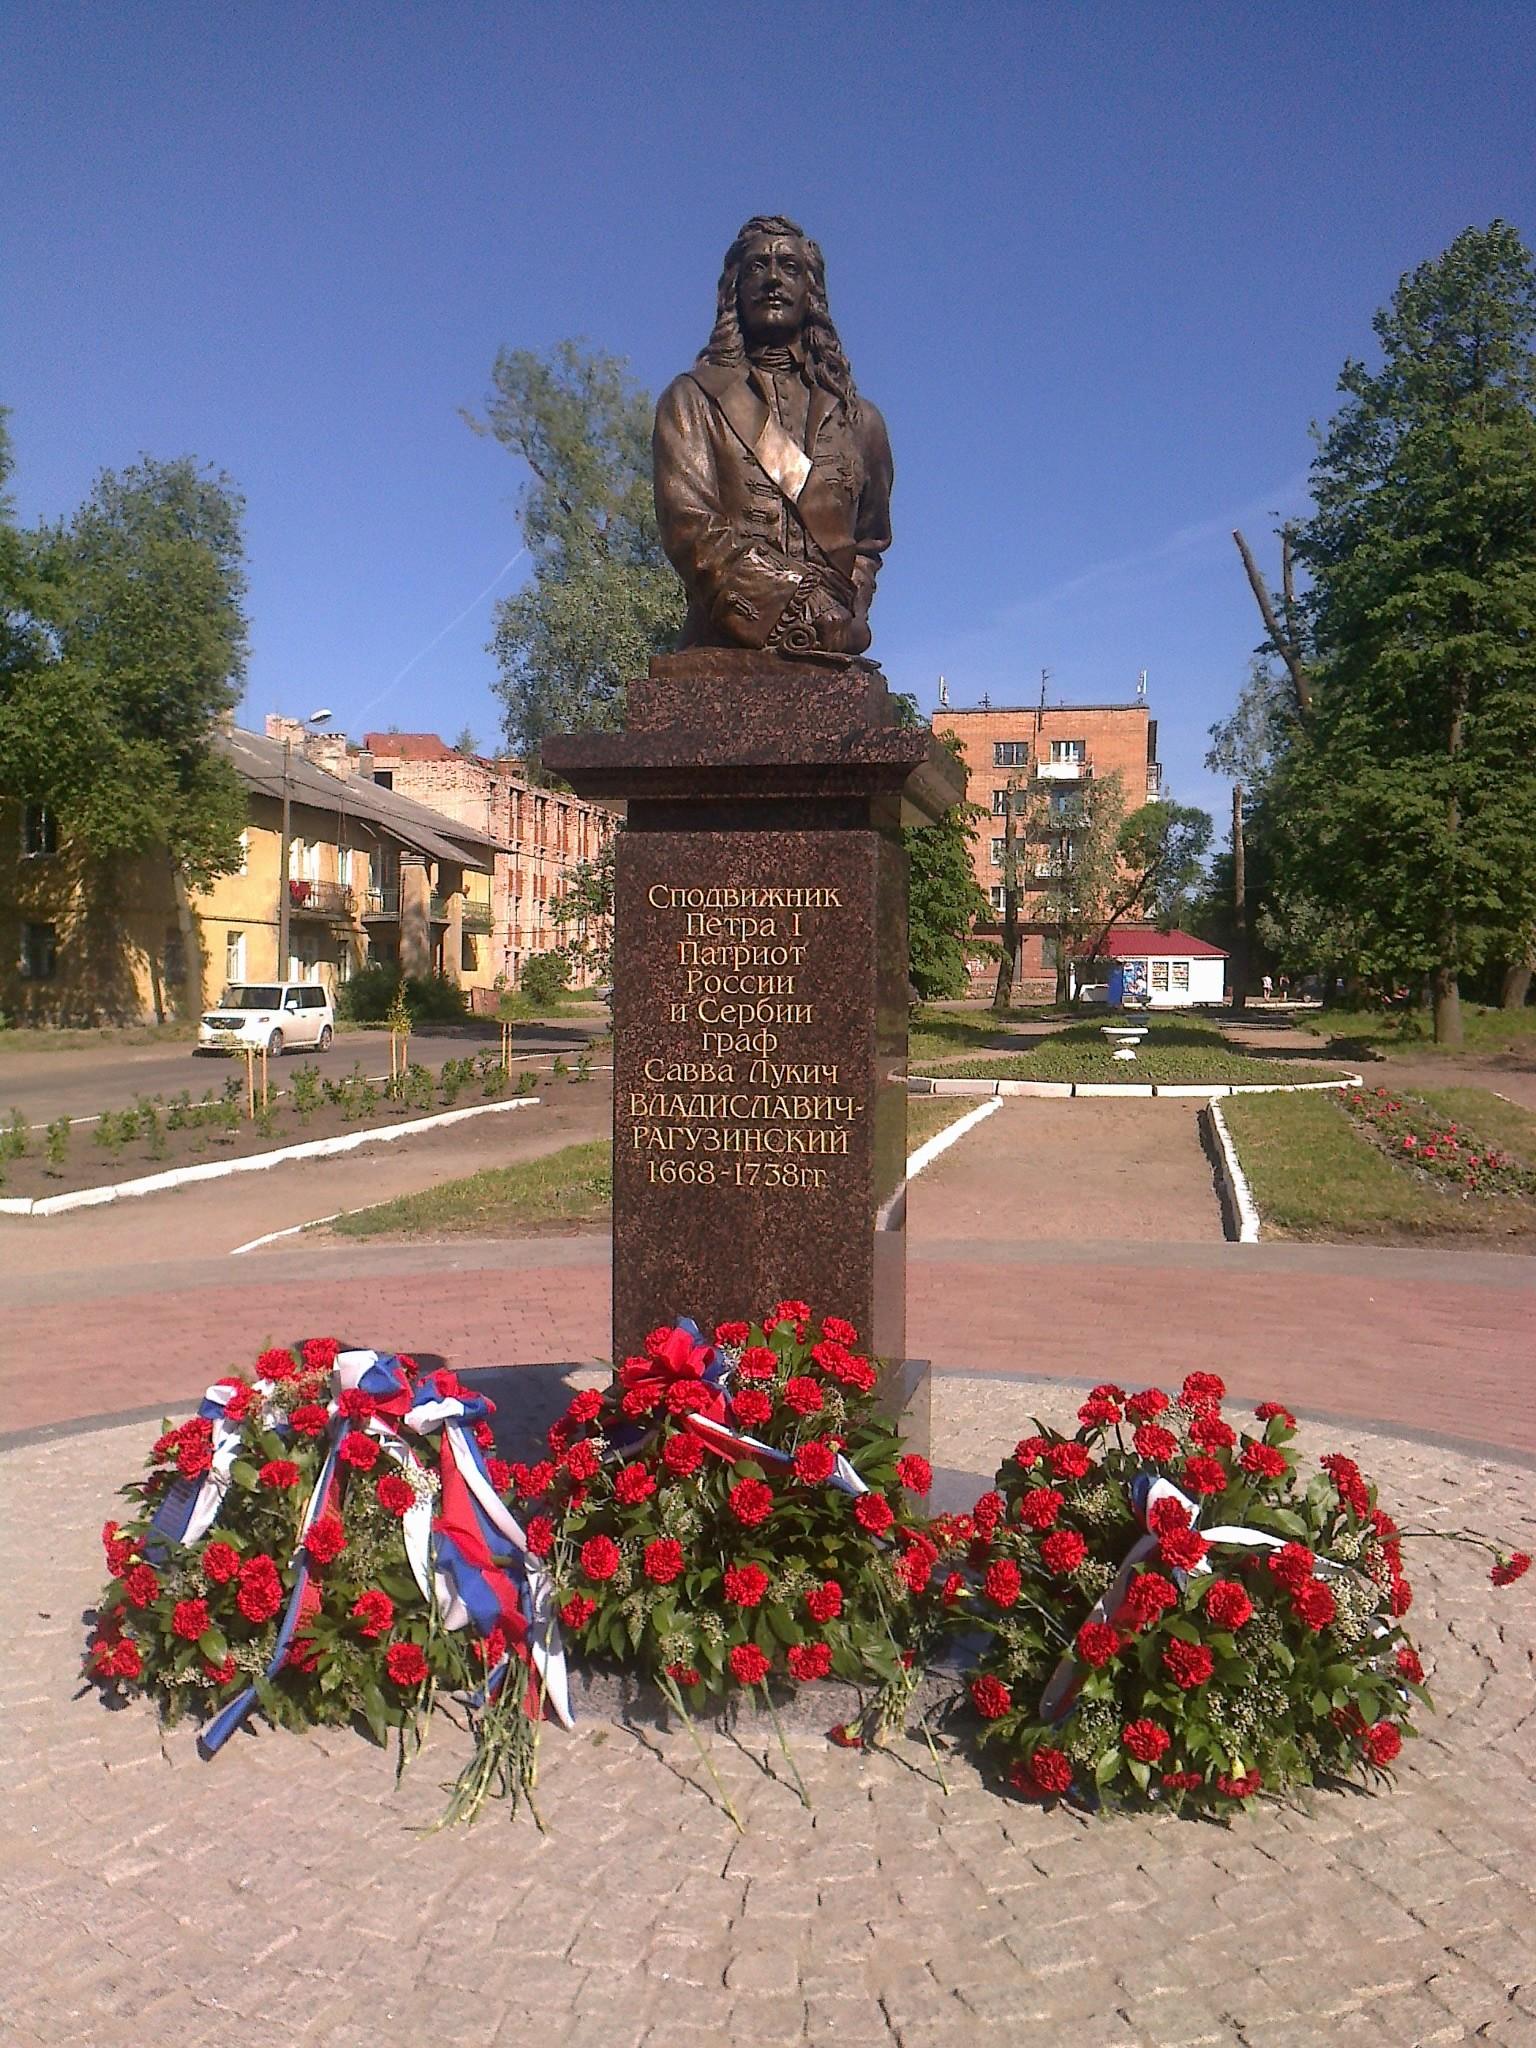 Споменик Сави Владиславићем Рагузинском у Шлисељбургу